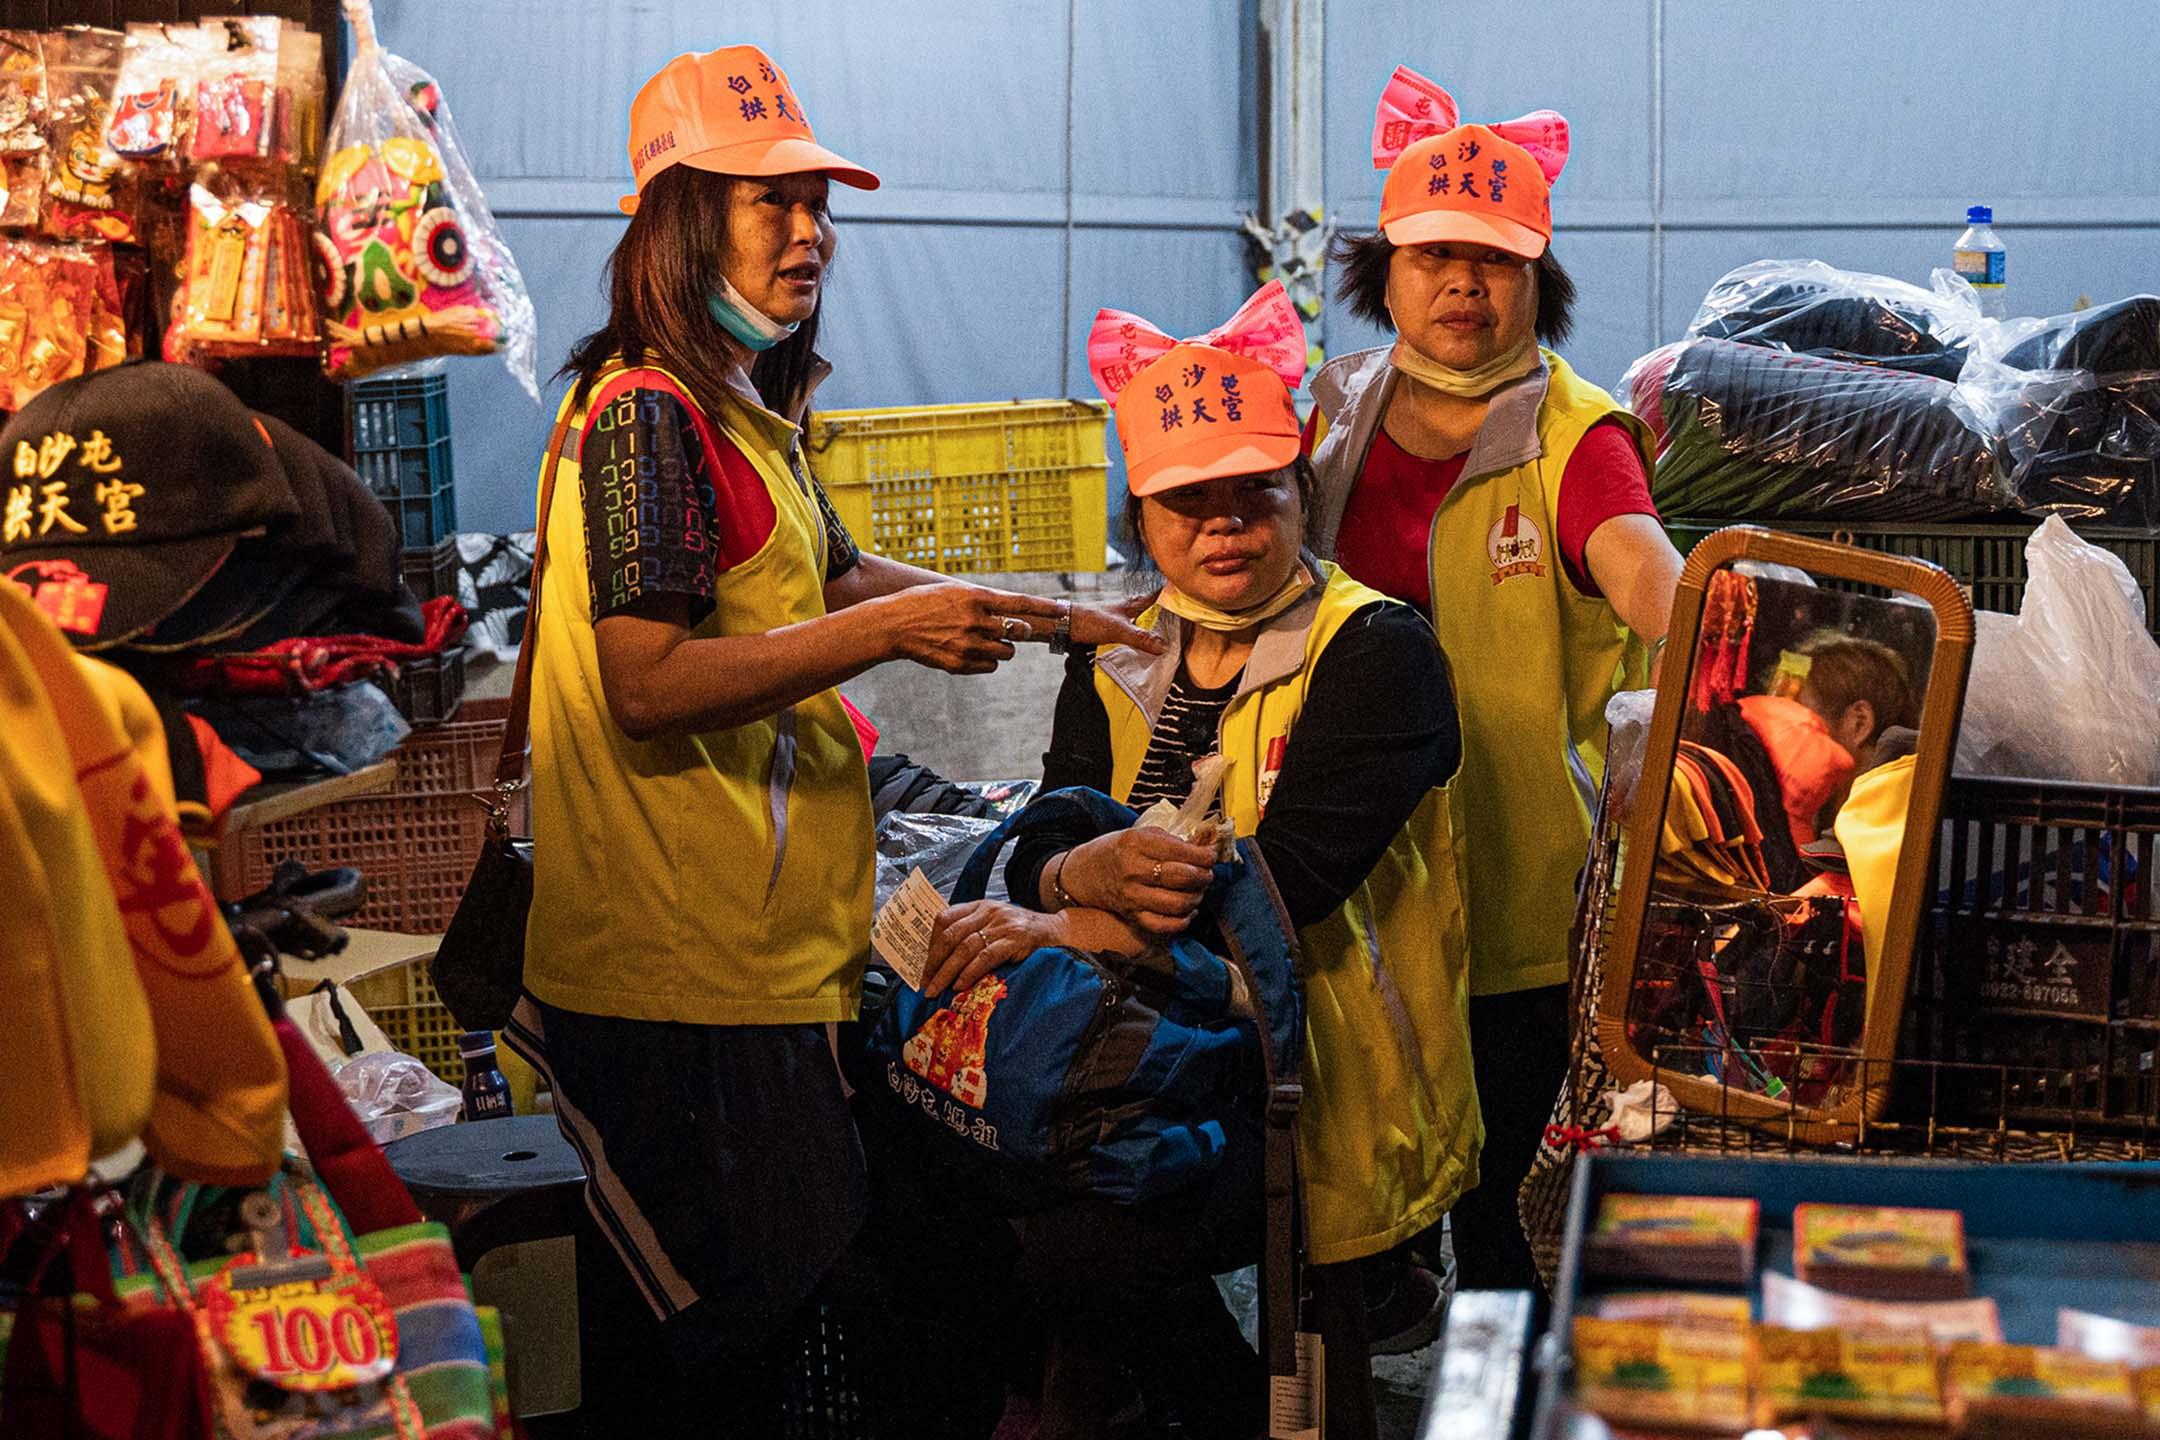 信眾將本次媽祖進香的粉紅臂章折成蝴蝶形狀,掛在帽子上。